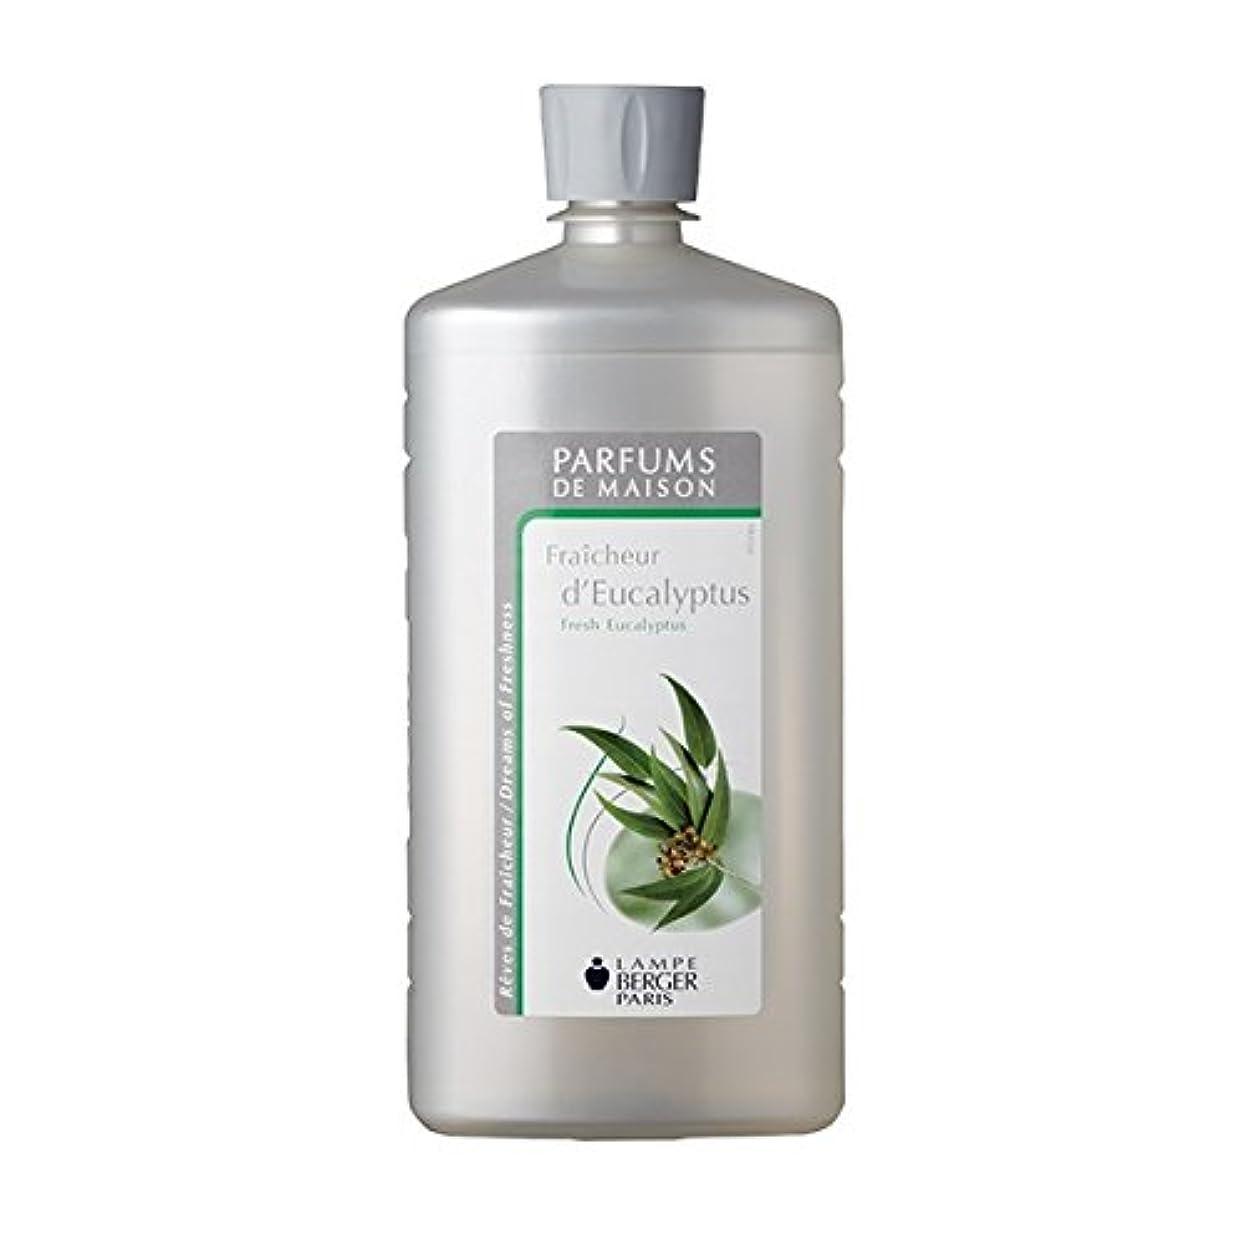 とティームパンツ天ランプベルジェオイル(ユーカリ)Fraîcheur d'Eucalyptus Fresh Eucalyptus